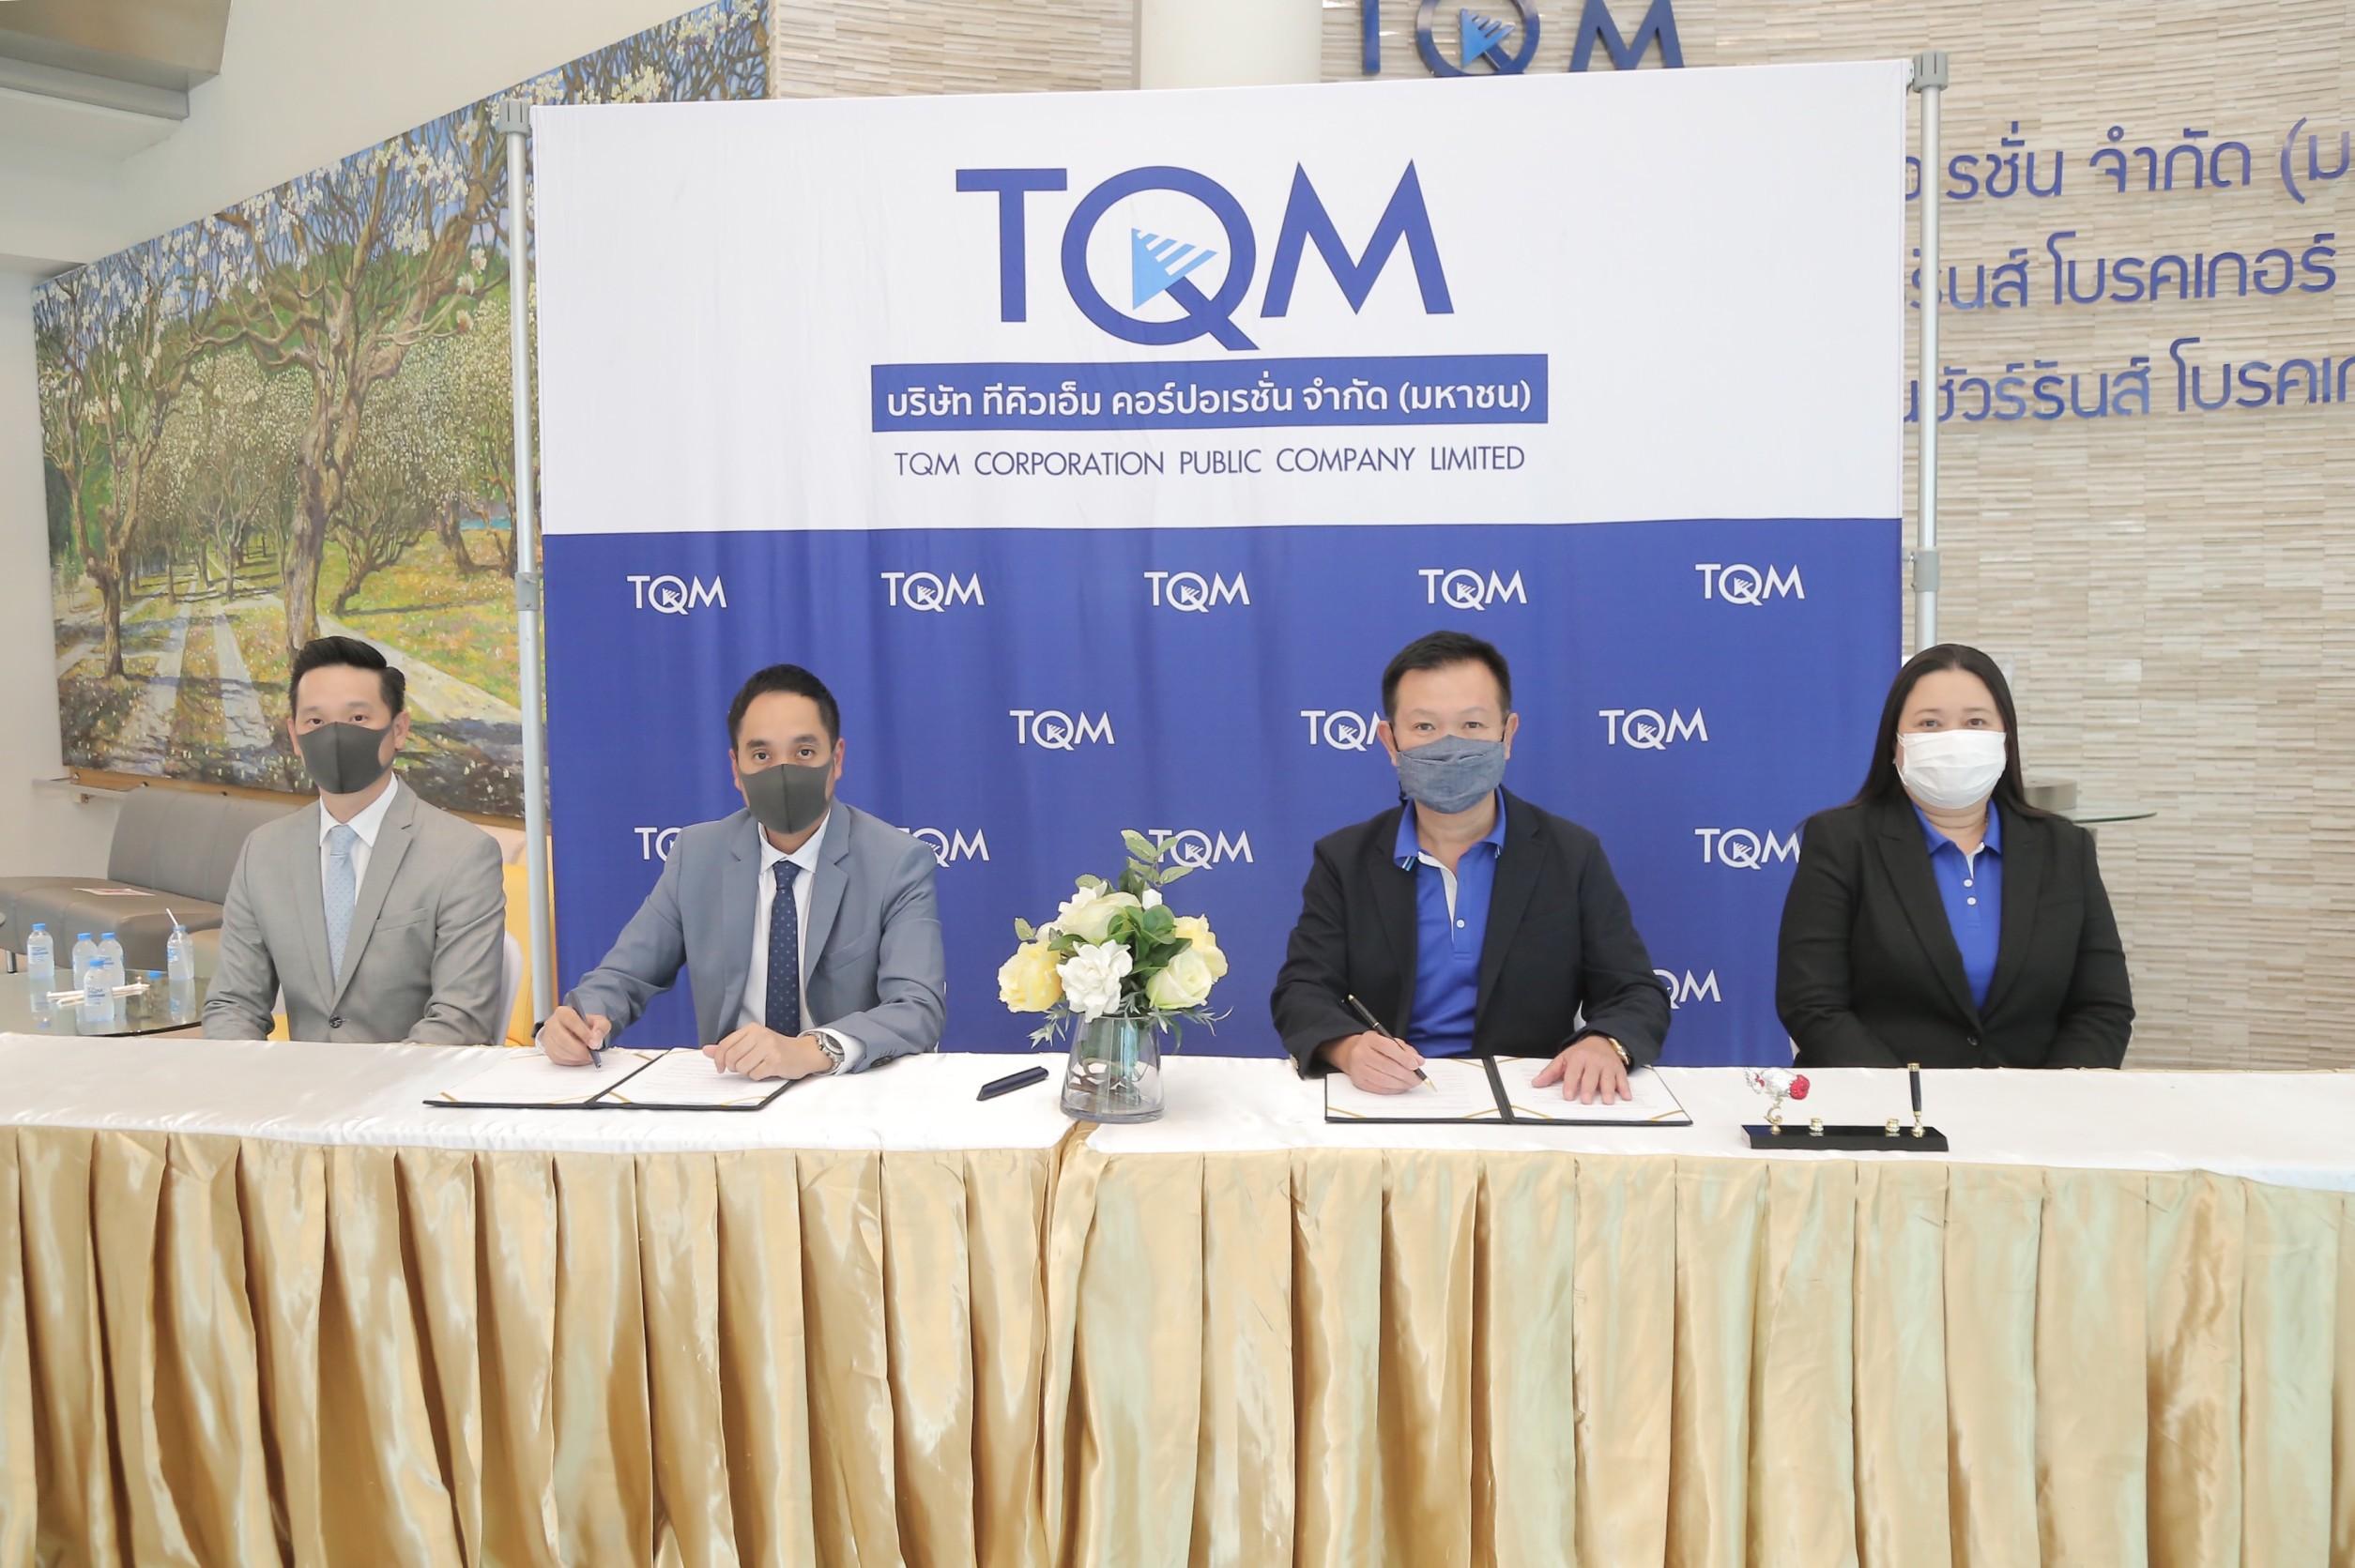 (เพิ่มเติม) TQM เตรียมเข้าซื้อหุ้น 51% ทรูไลฟ์โบรกเกอร์-ทรูเอ็กซ์ตร้าโบรกเกอร์ วงเงิน 270 ลบ.